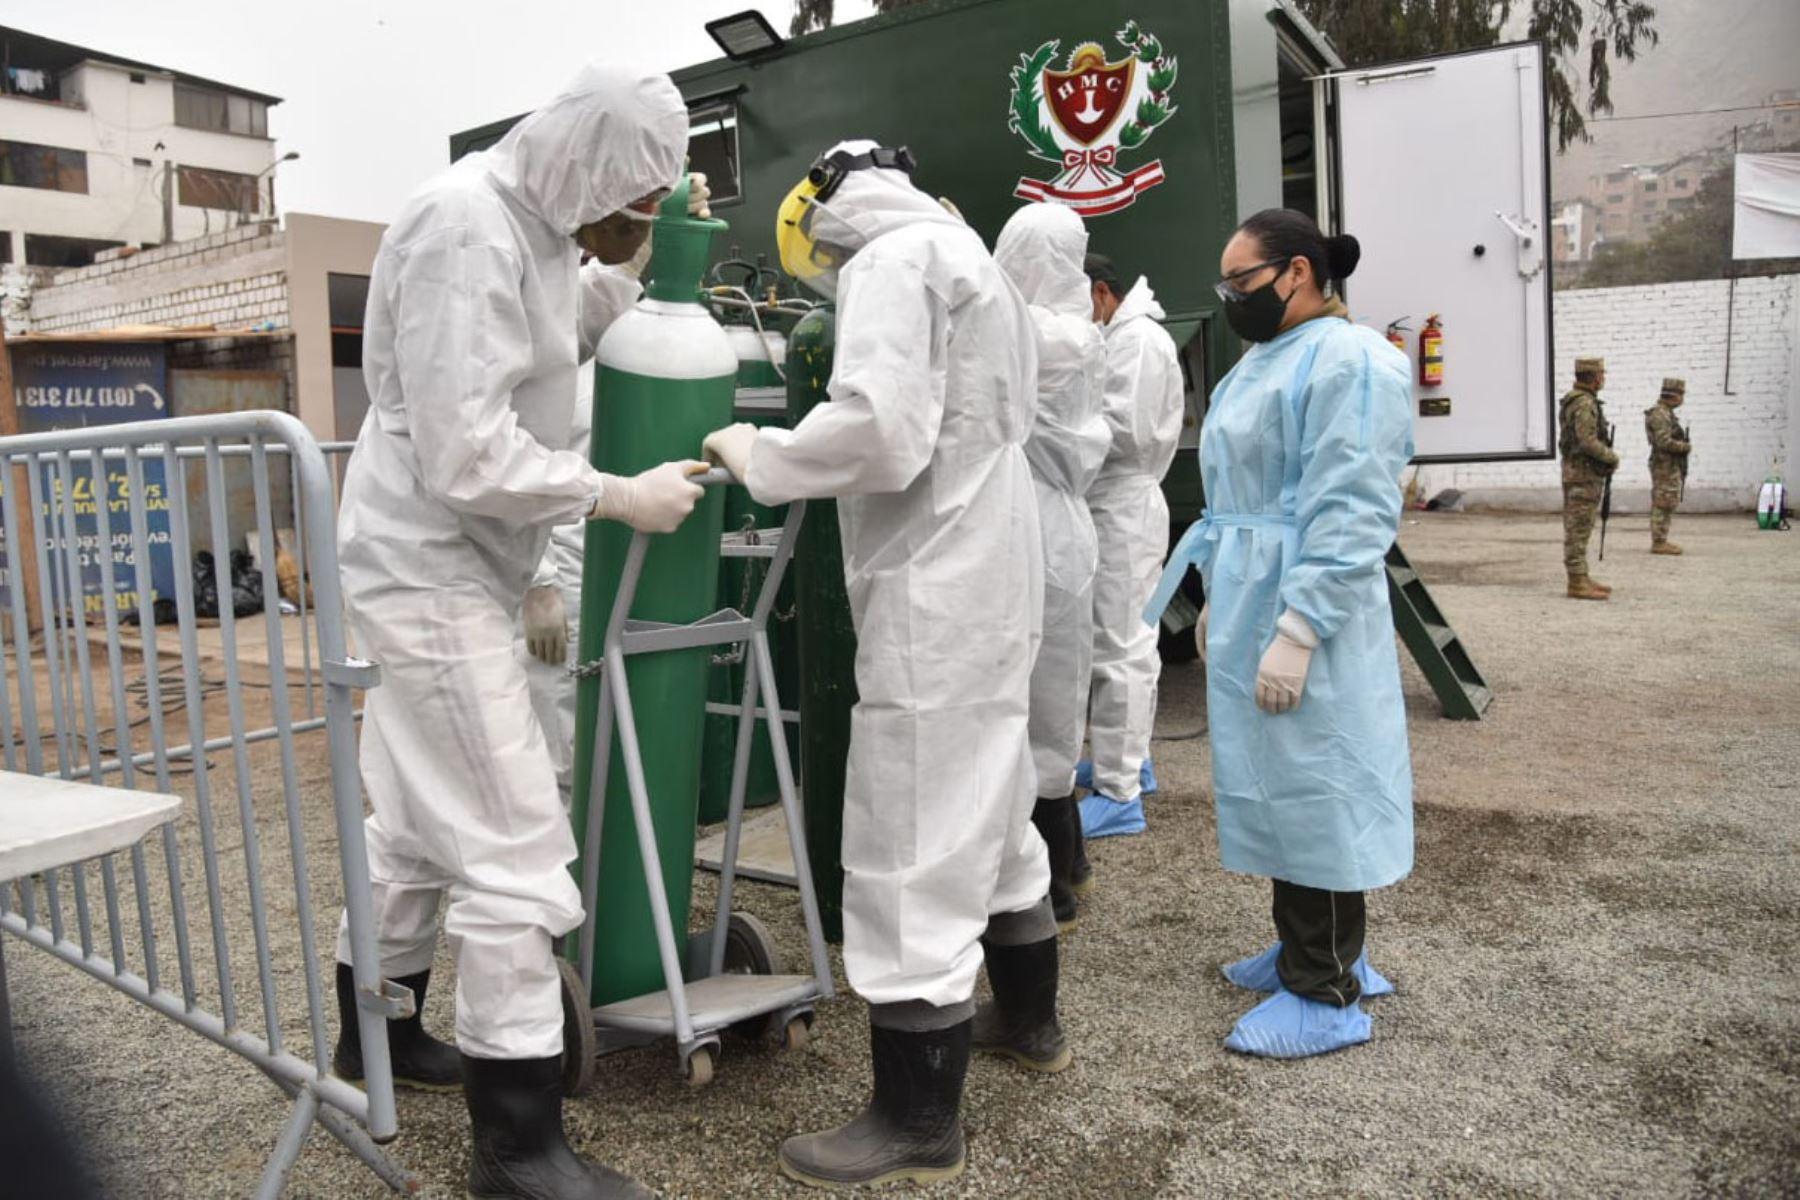 En un acto de solidaridad, el Ejército del Perú trasladó una planta móvil generadora de oxígeno al distrito del Rímac para distribuir gratuitamente este vital elemento a las familias afectadas por la covid-19. Foto: Ejercito del Perú